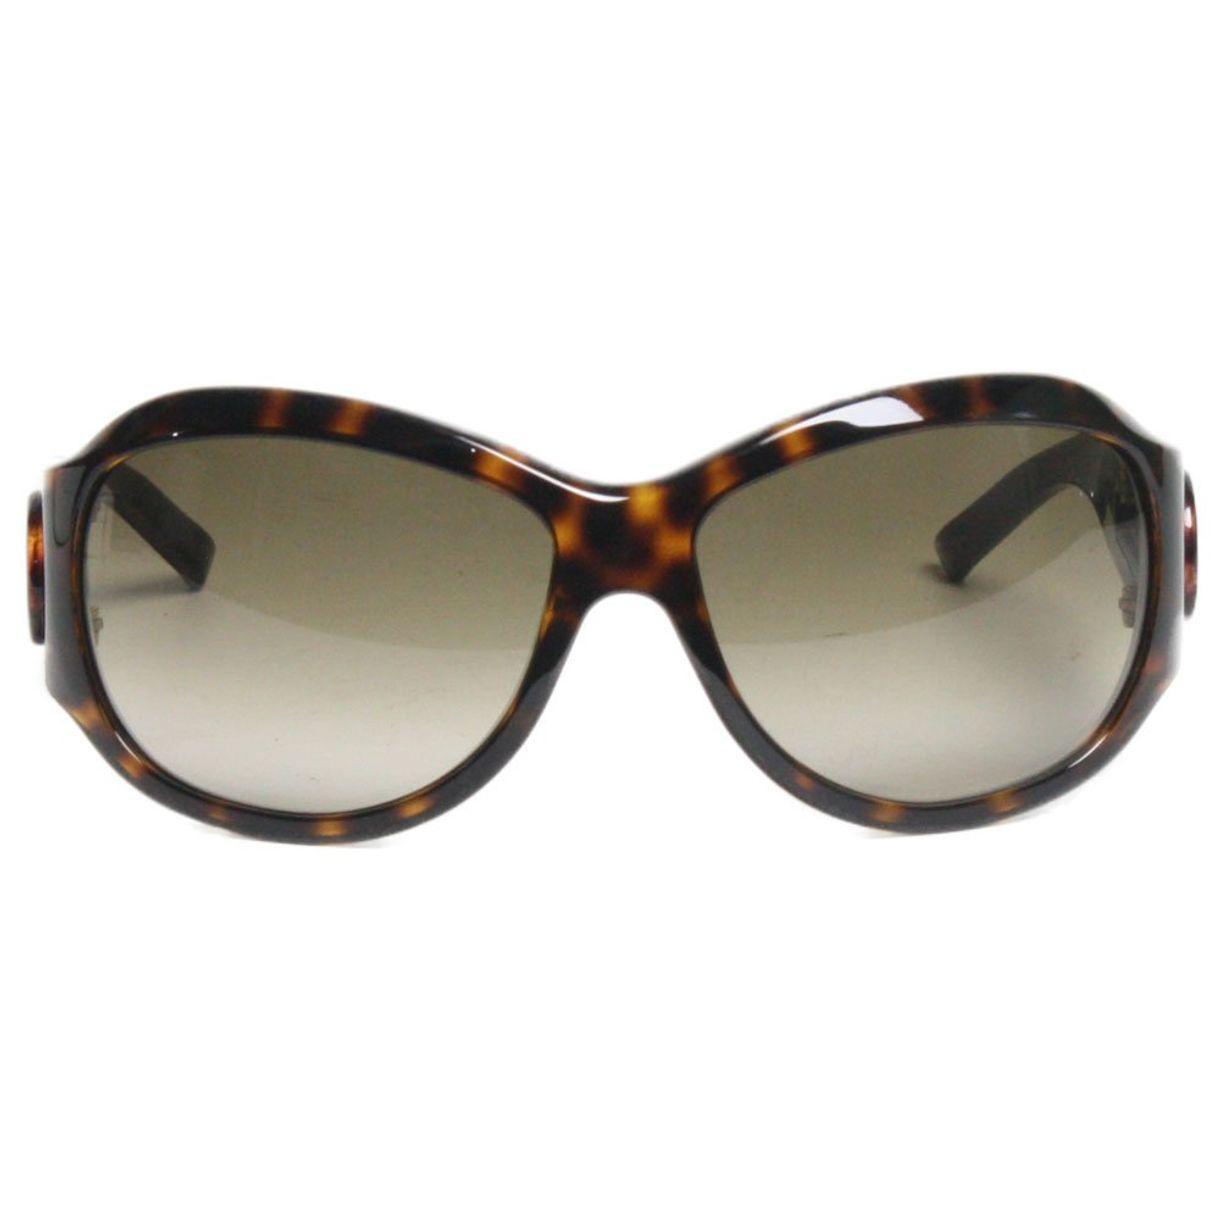 Oculos-Marc-Jacobs-Tartaruga